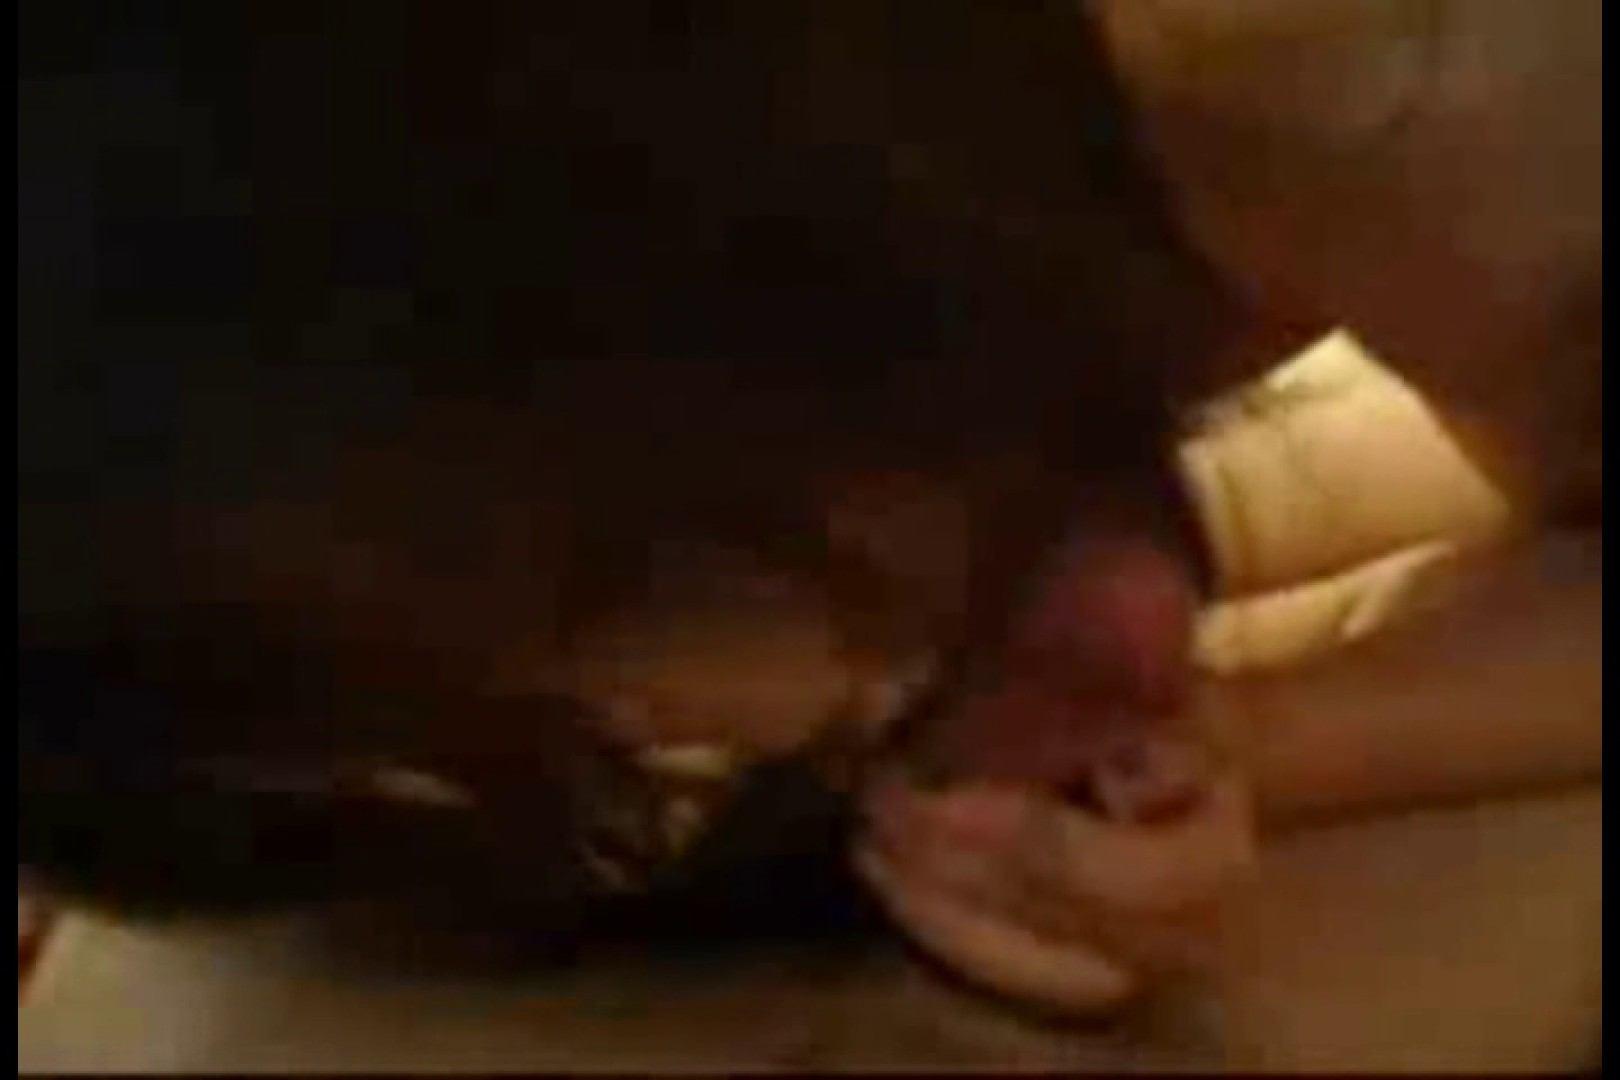 ウイルス流出 素人カップルの生々しいSEX動画 SEX   カップル  52pic 51